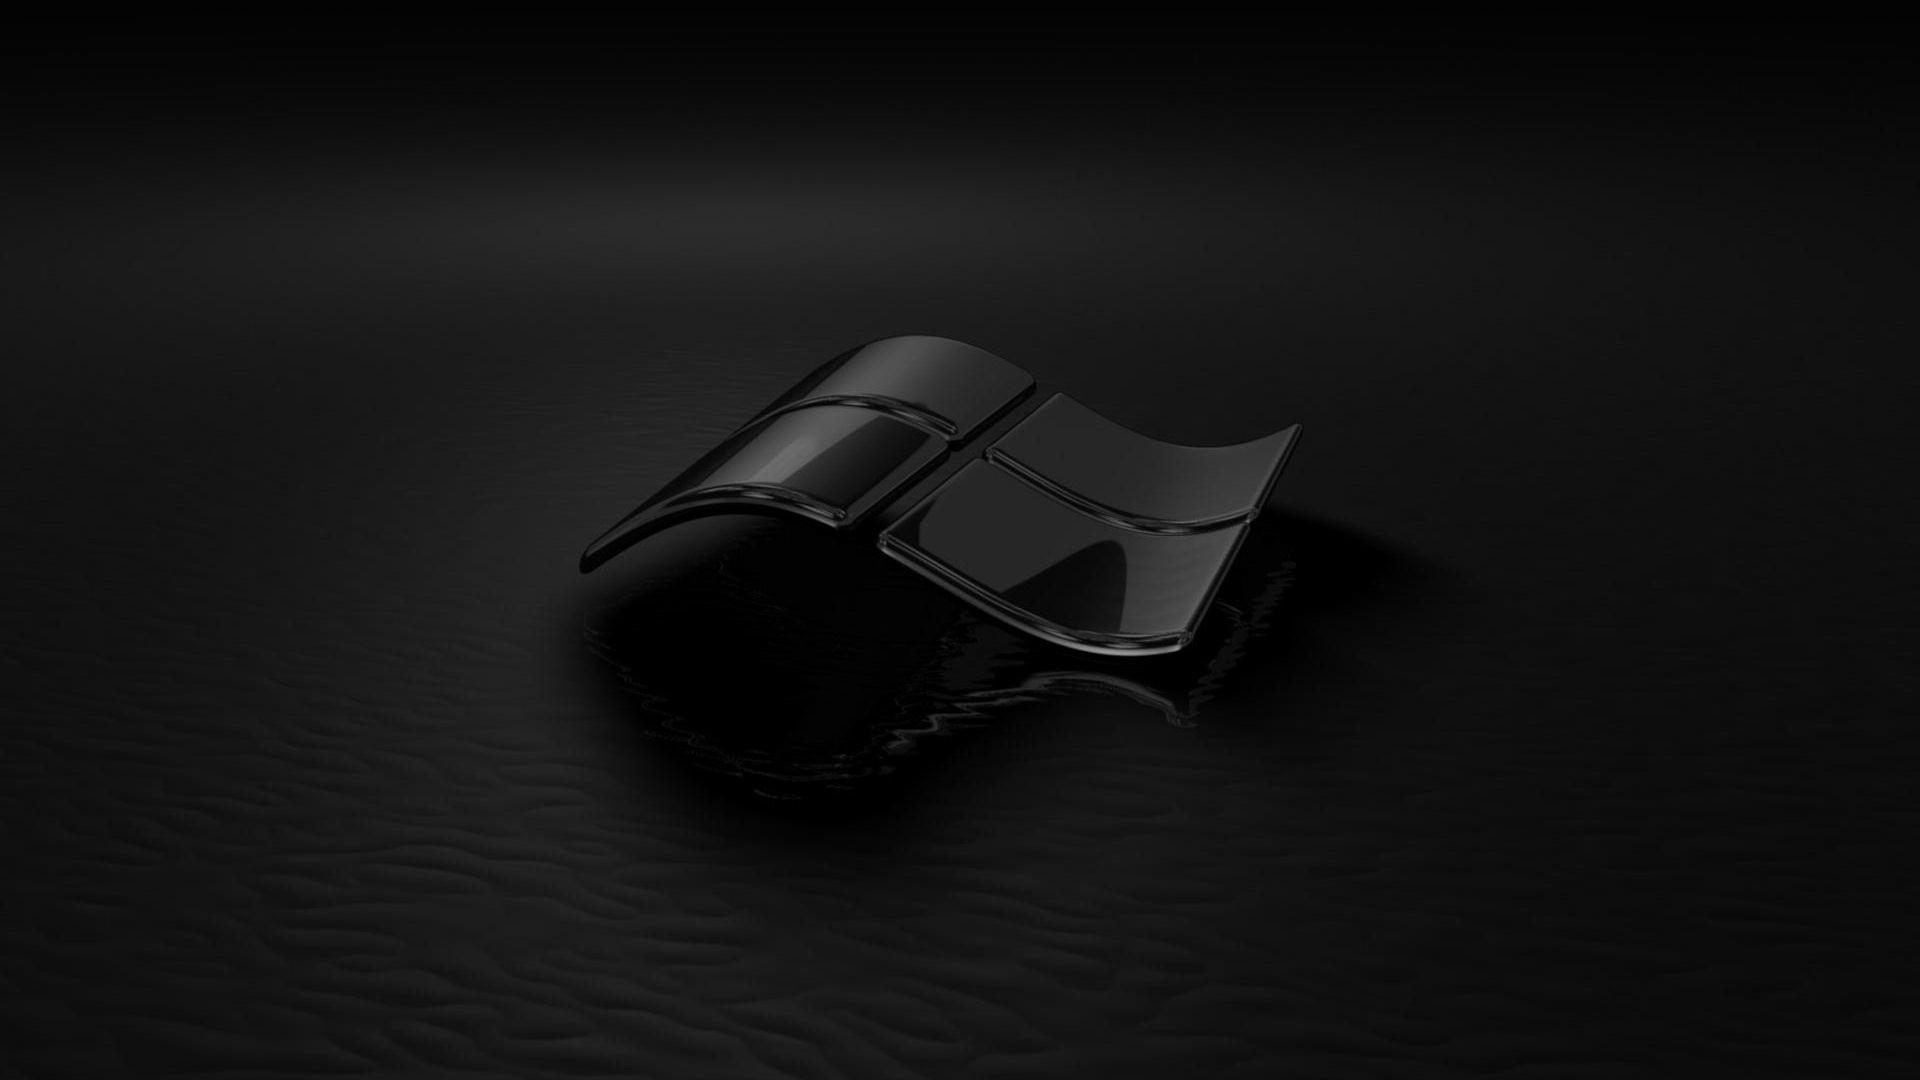 Hình nền đen biểu tượng Windows quyến rũ